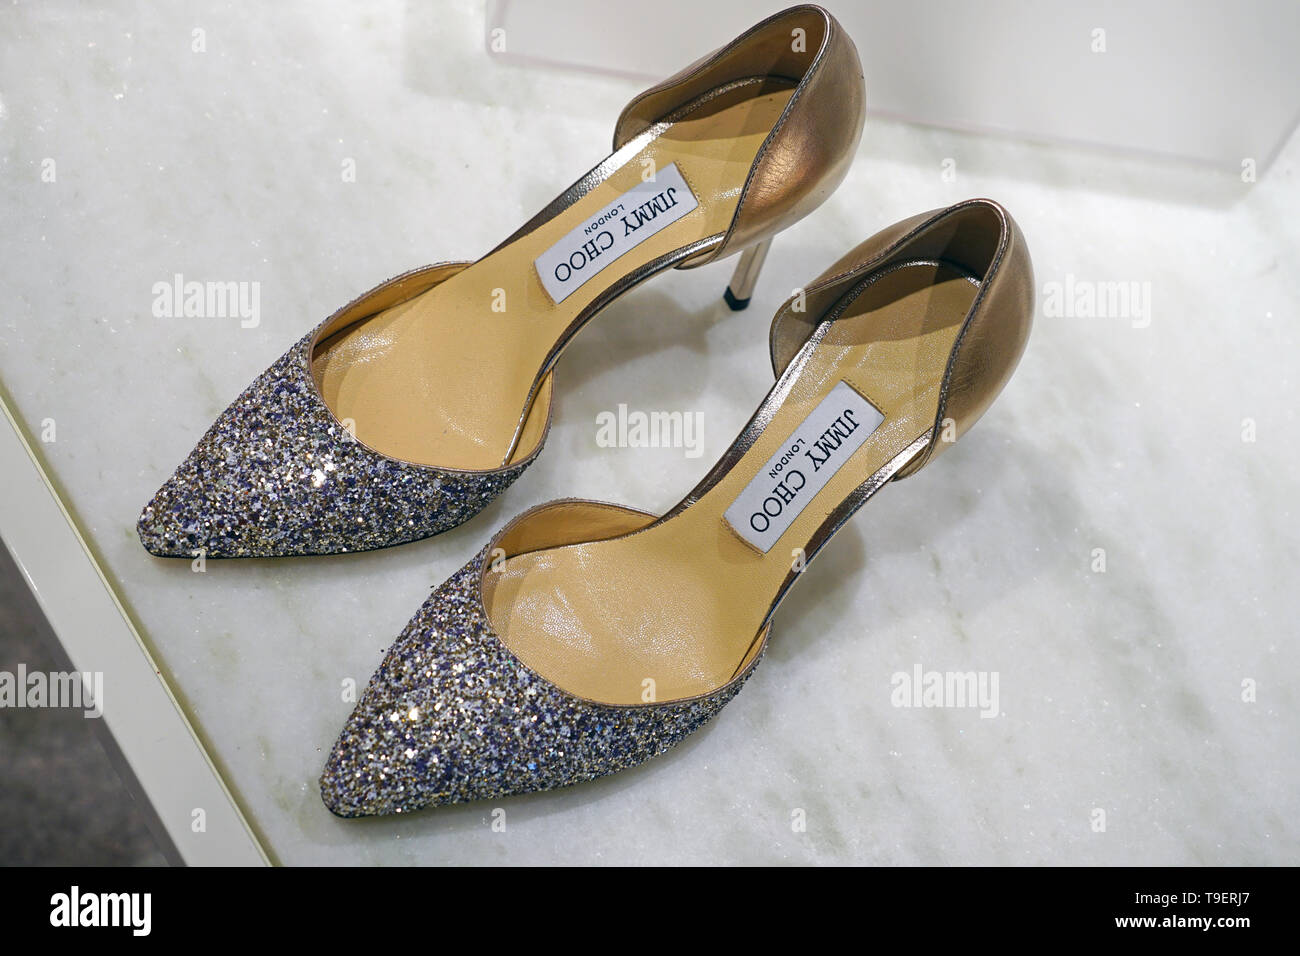 high heel luxury shoes